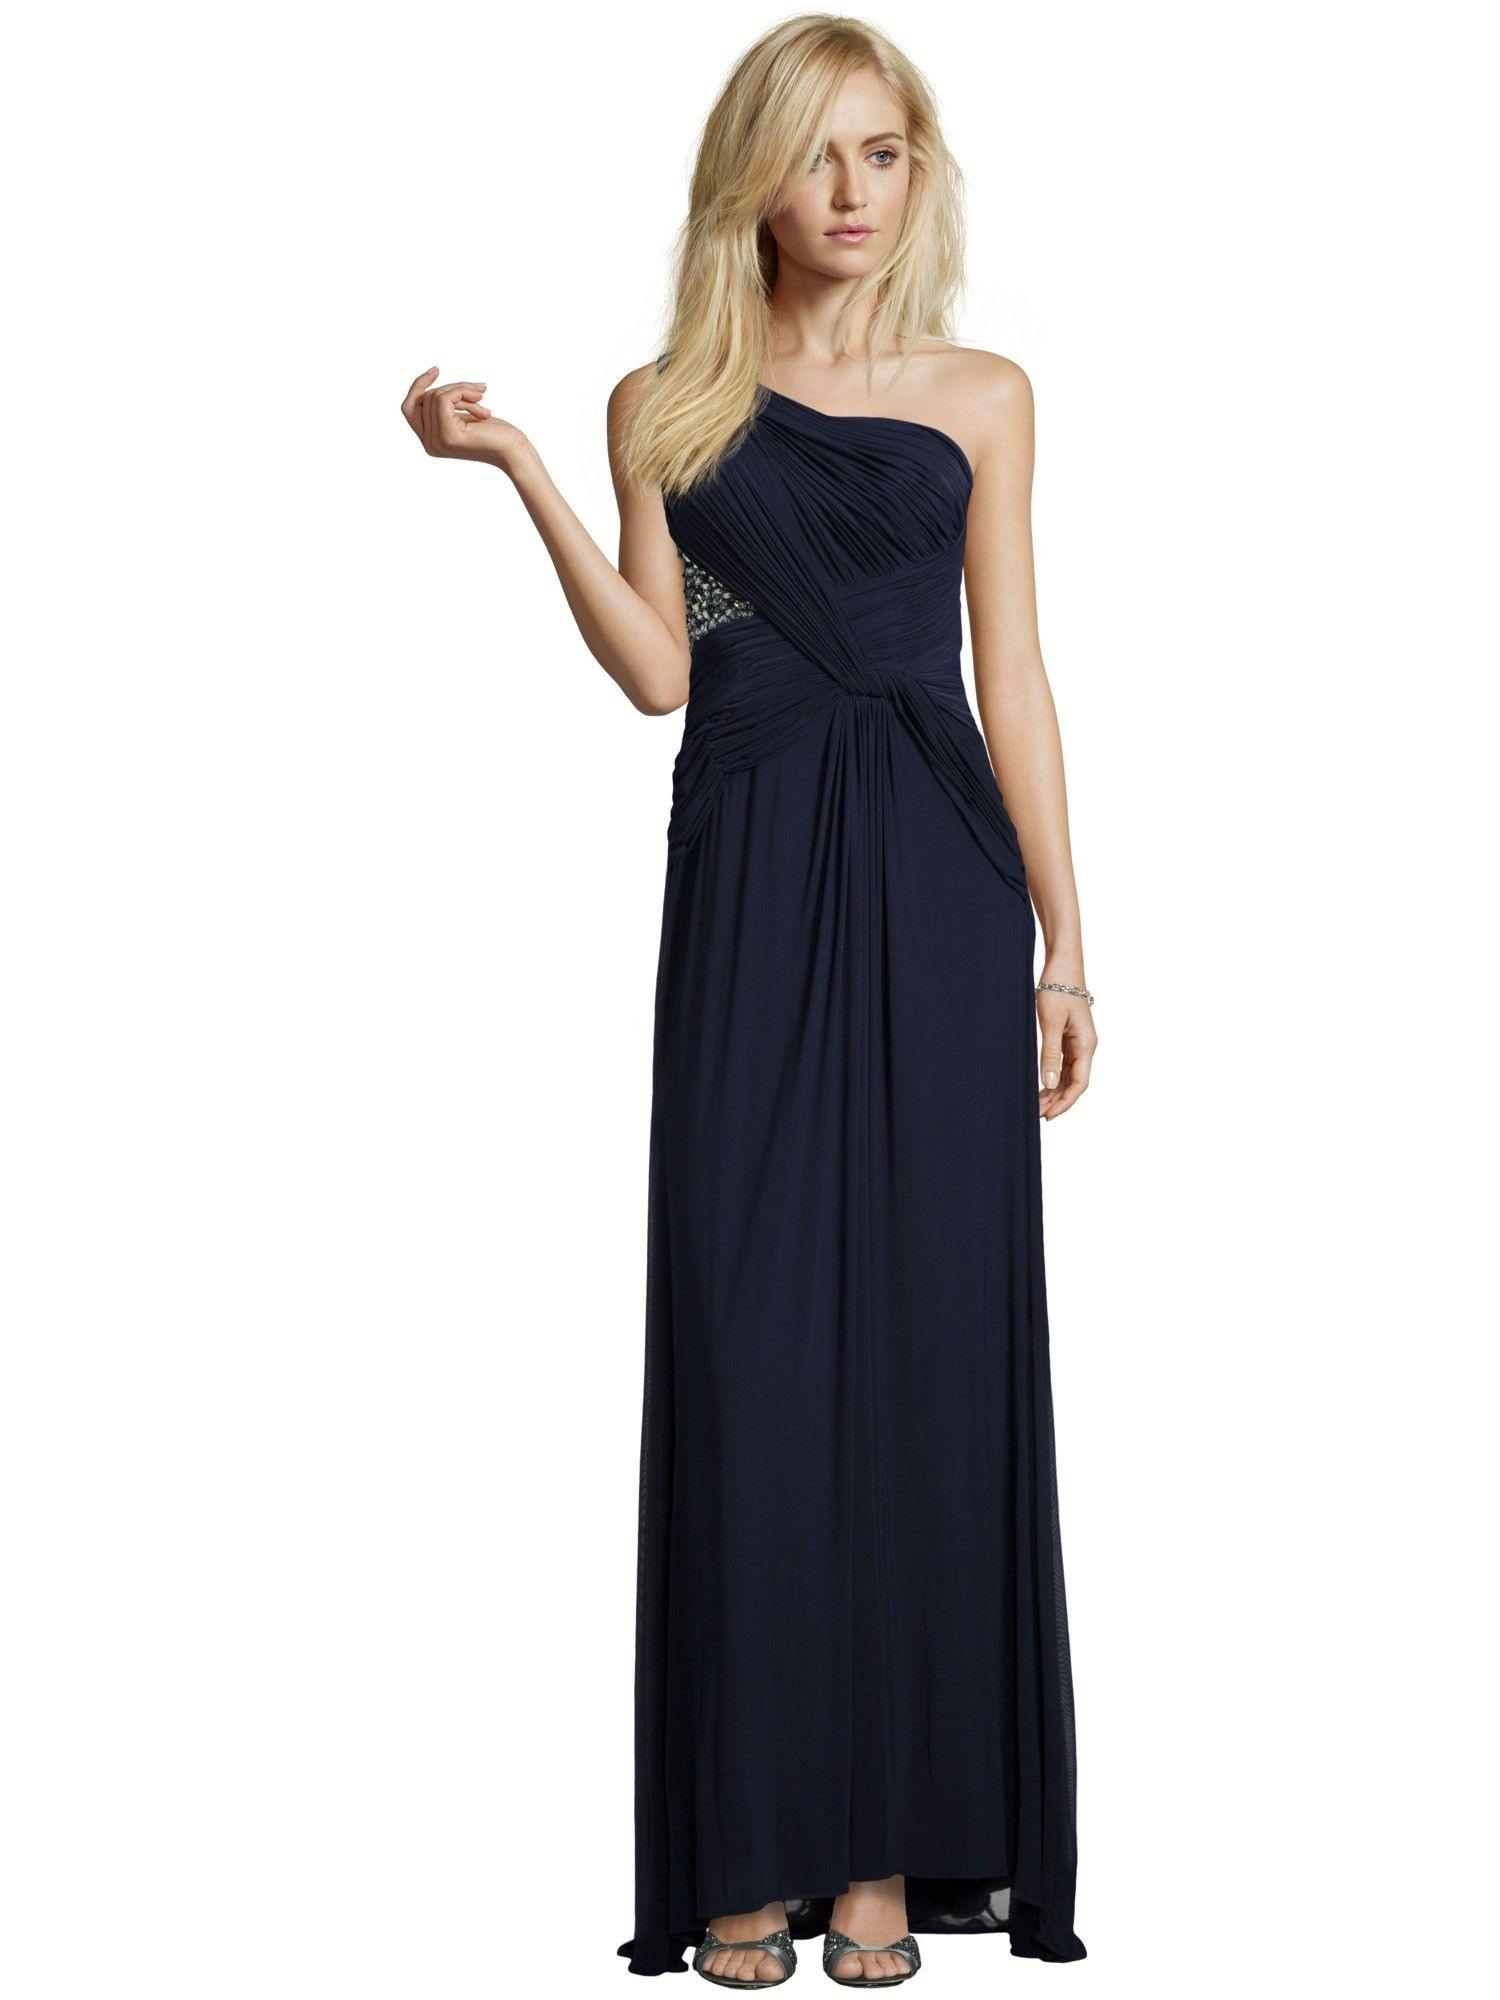 Formal Ausgezeichnet Online Abendkleider Kaufen ÄrmelDesigner Schön Online Abendkleider Kaufen Boutique